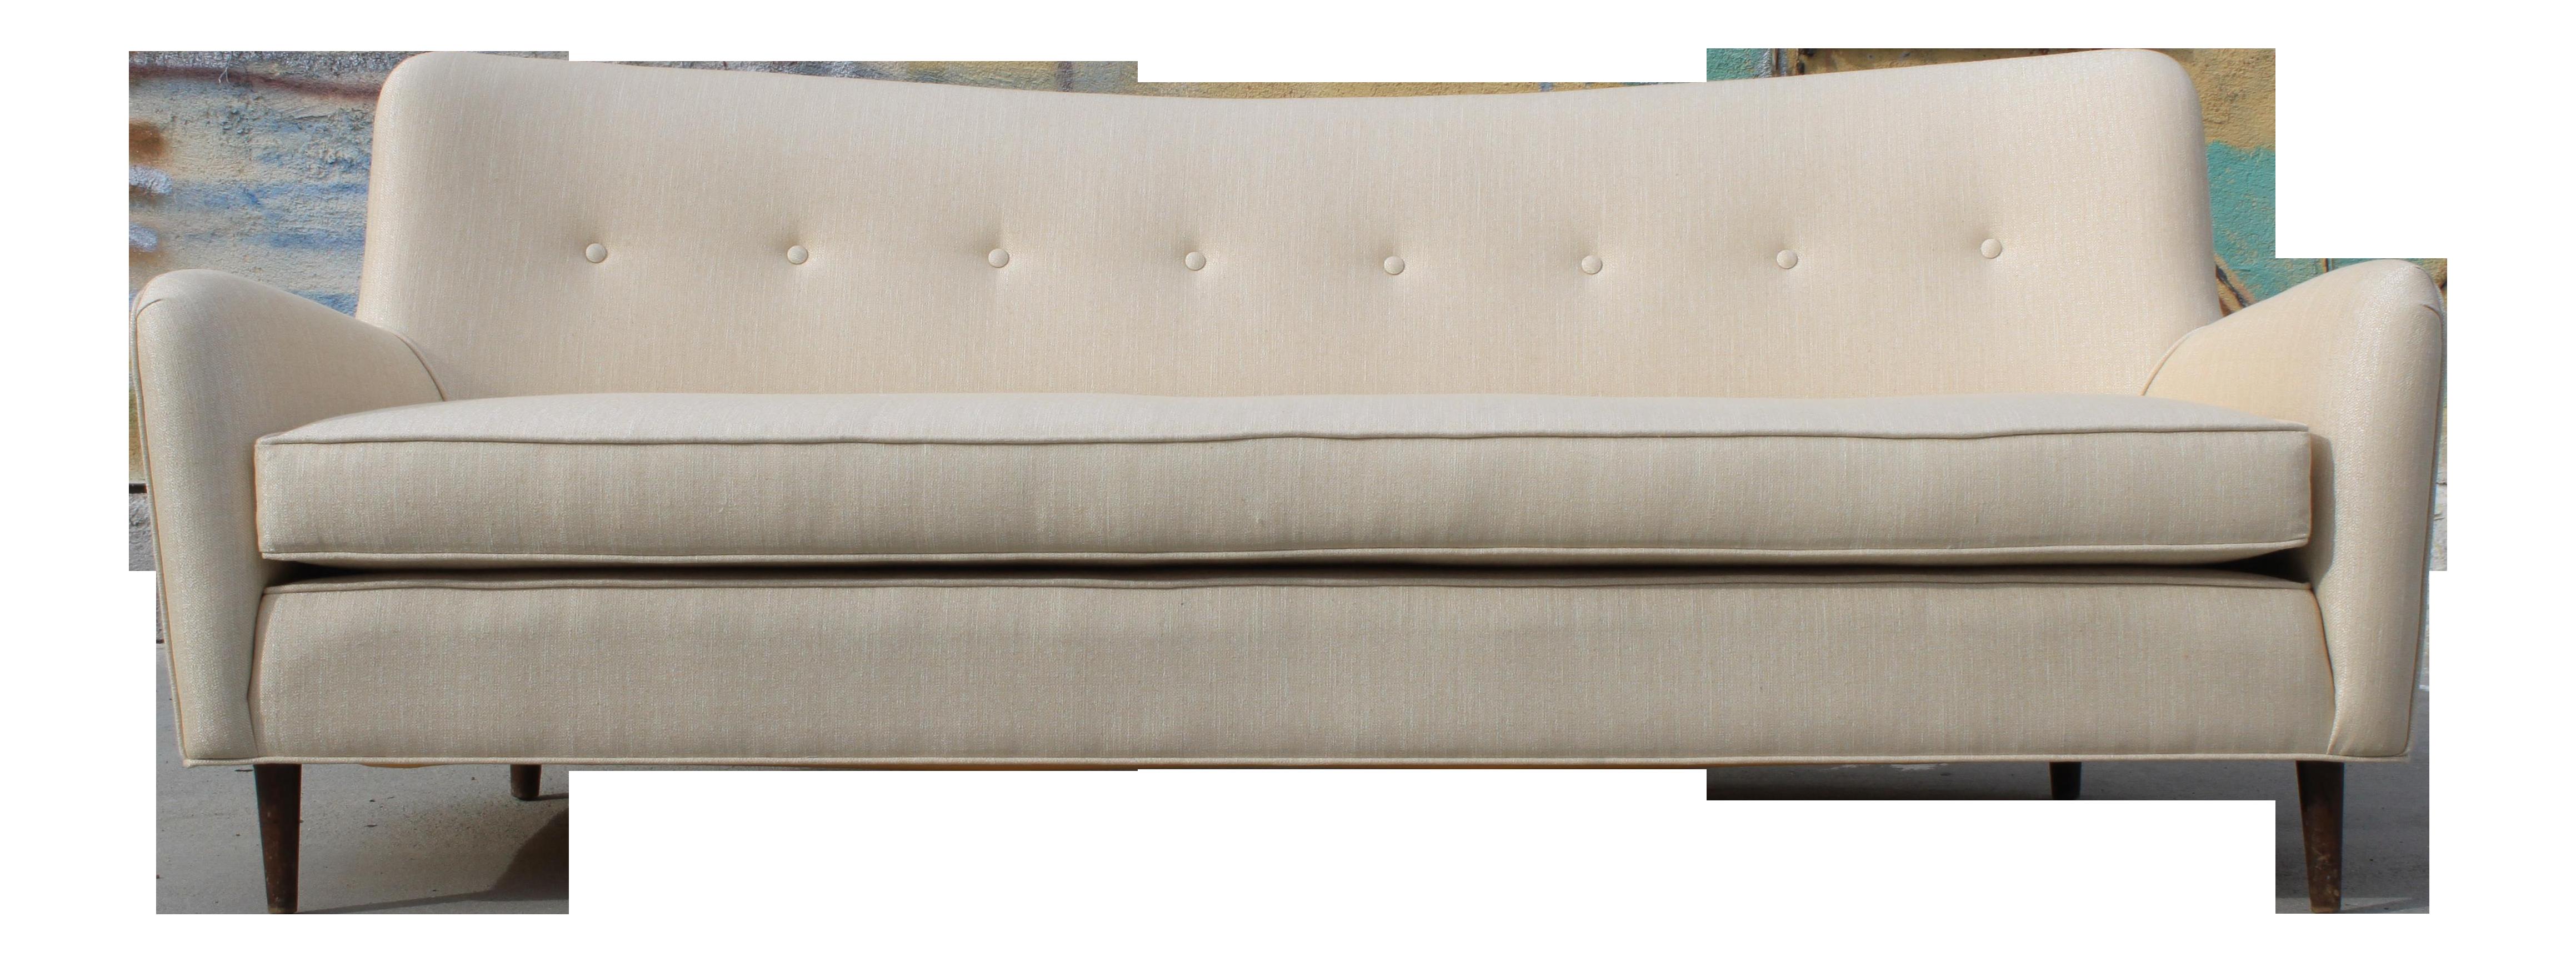 1940s Sofa Attributed To Finn Juhl